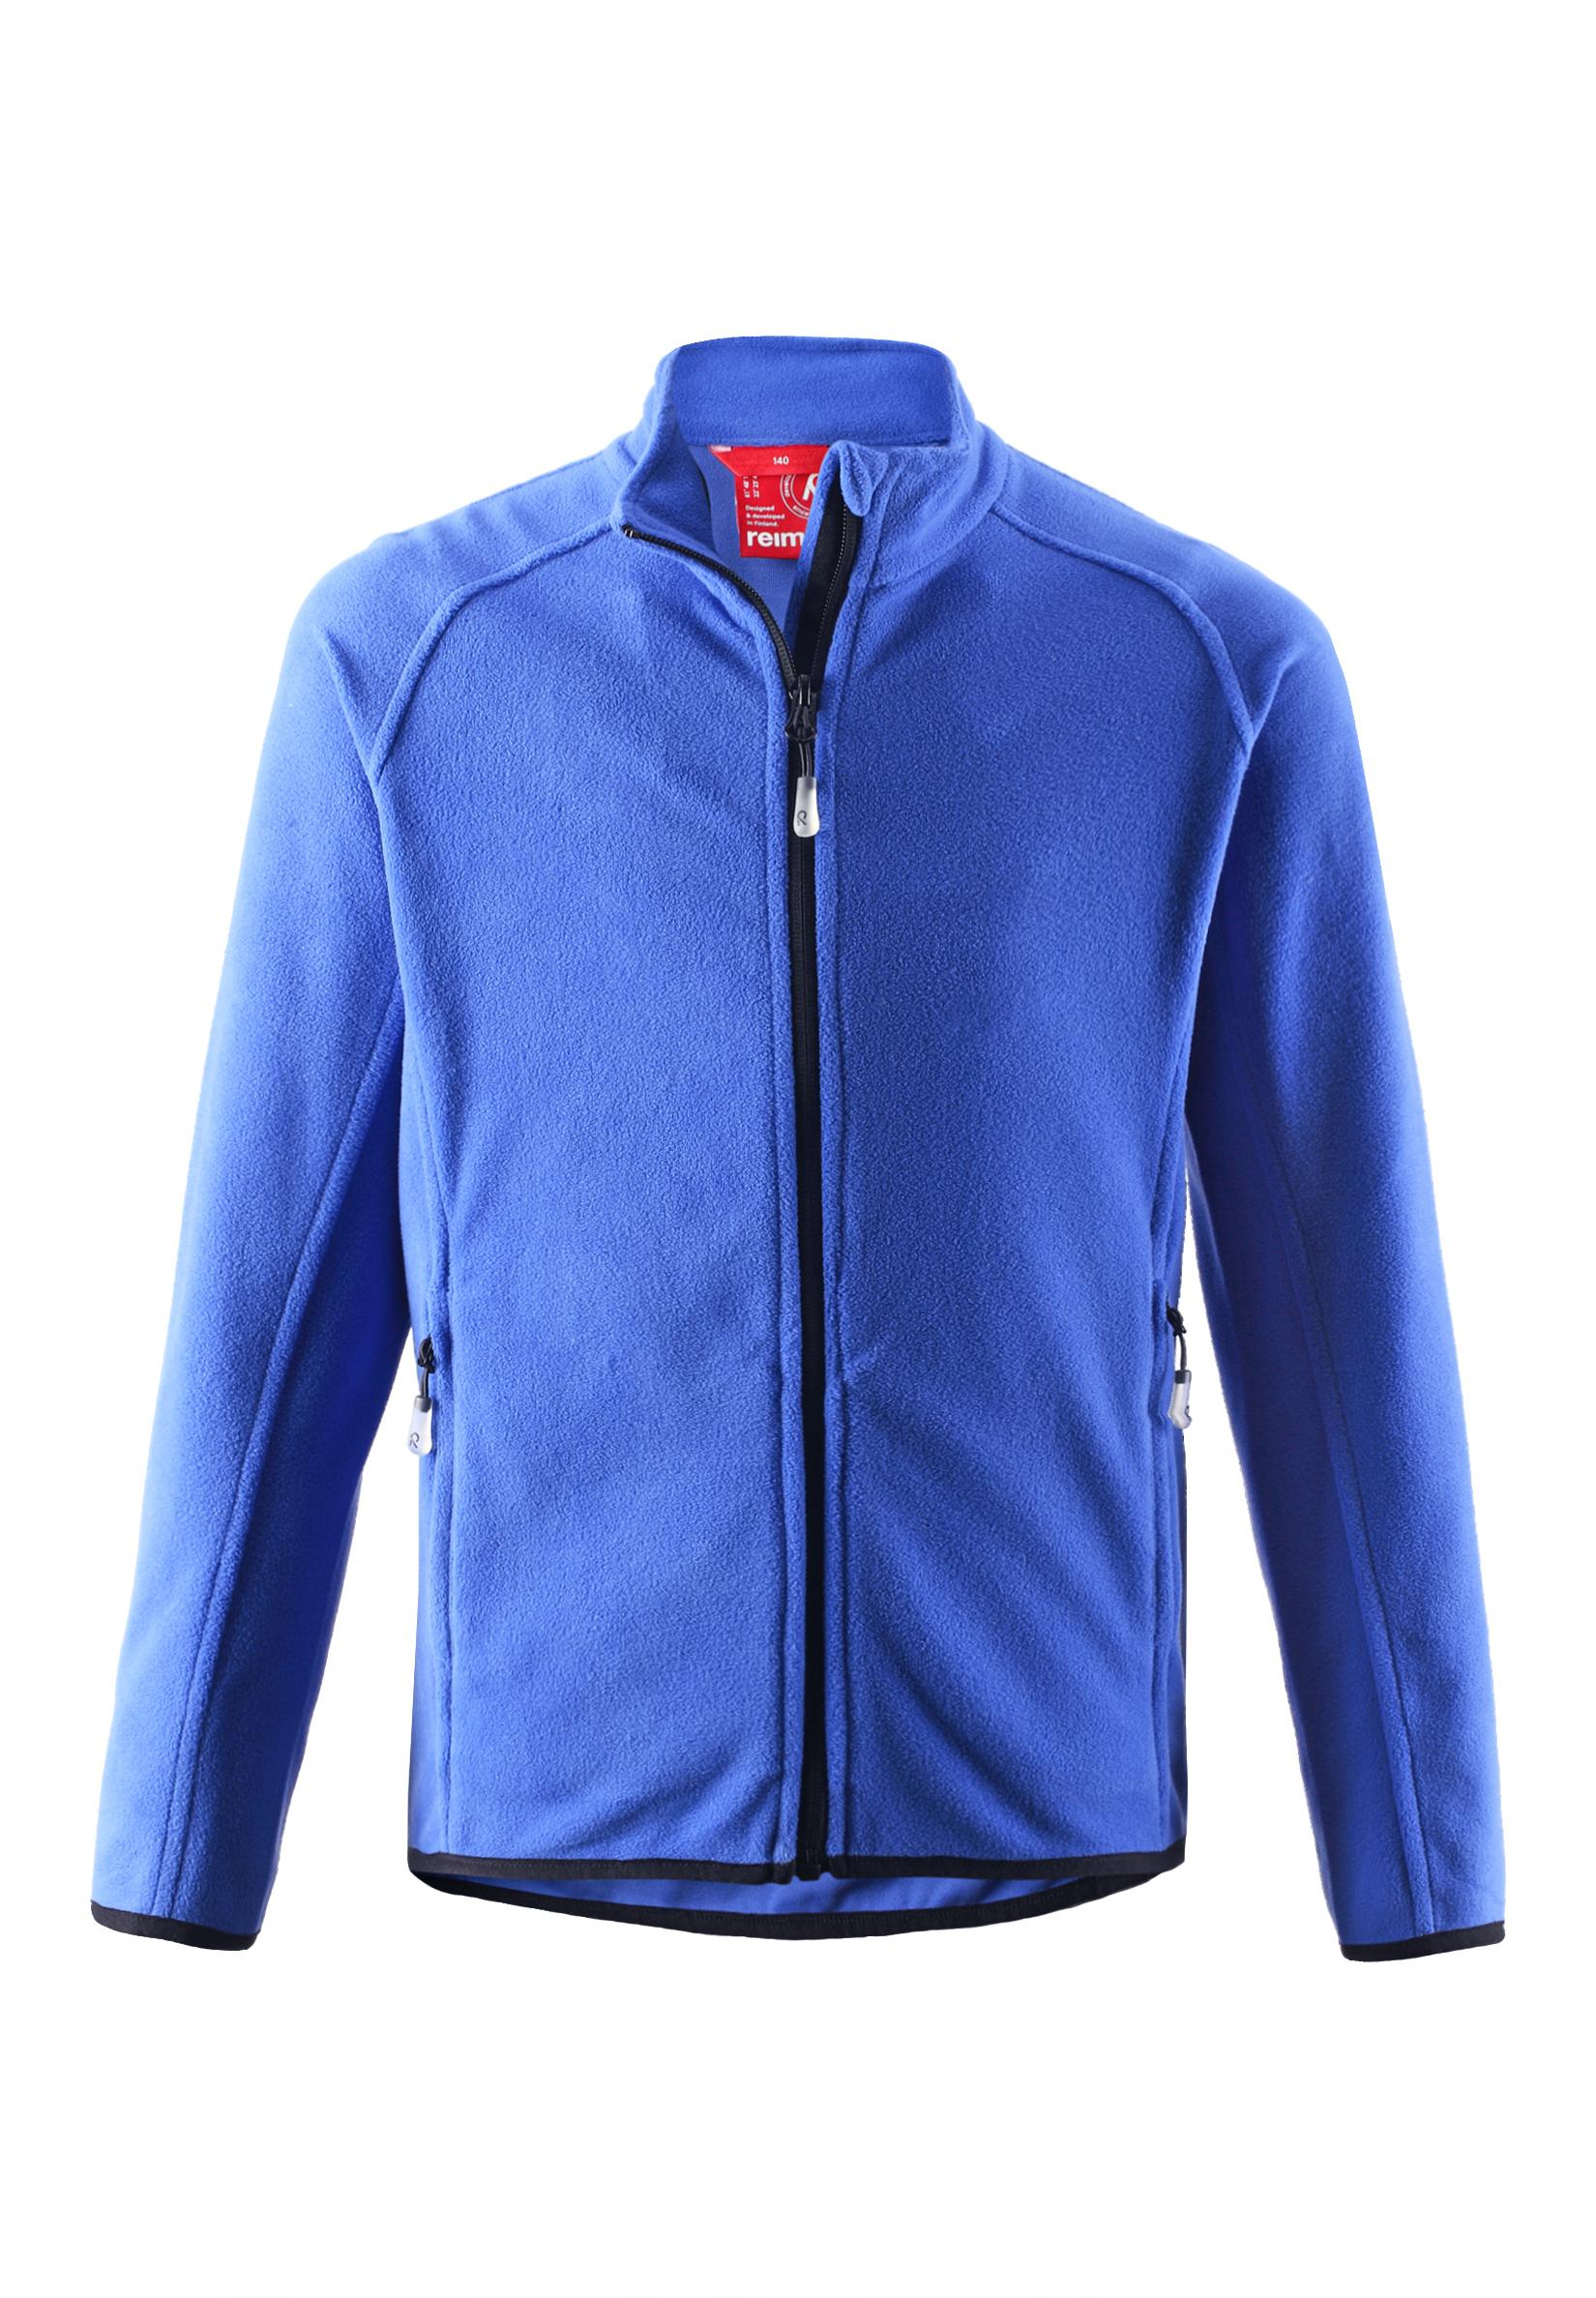 Флис горнолыжный Reima 2015-16 Riddle mid blue Детская одежда 1197531  - купить со скидкой